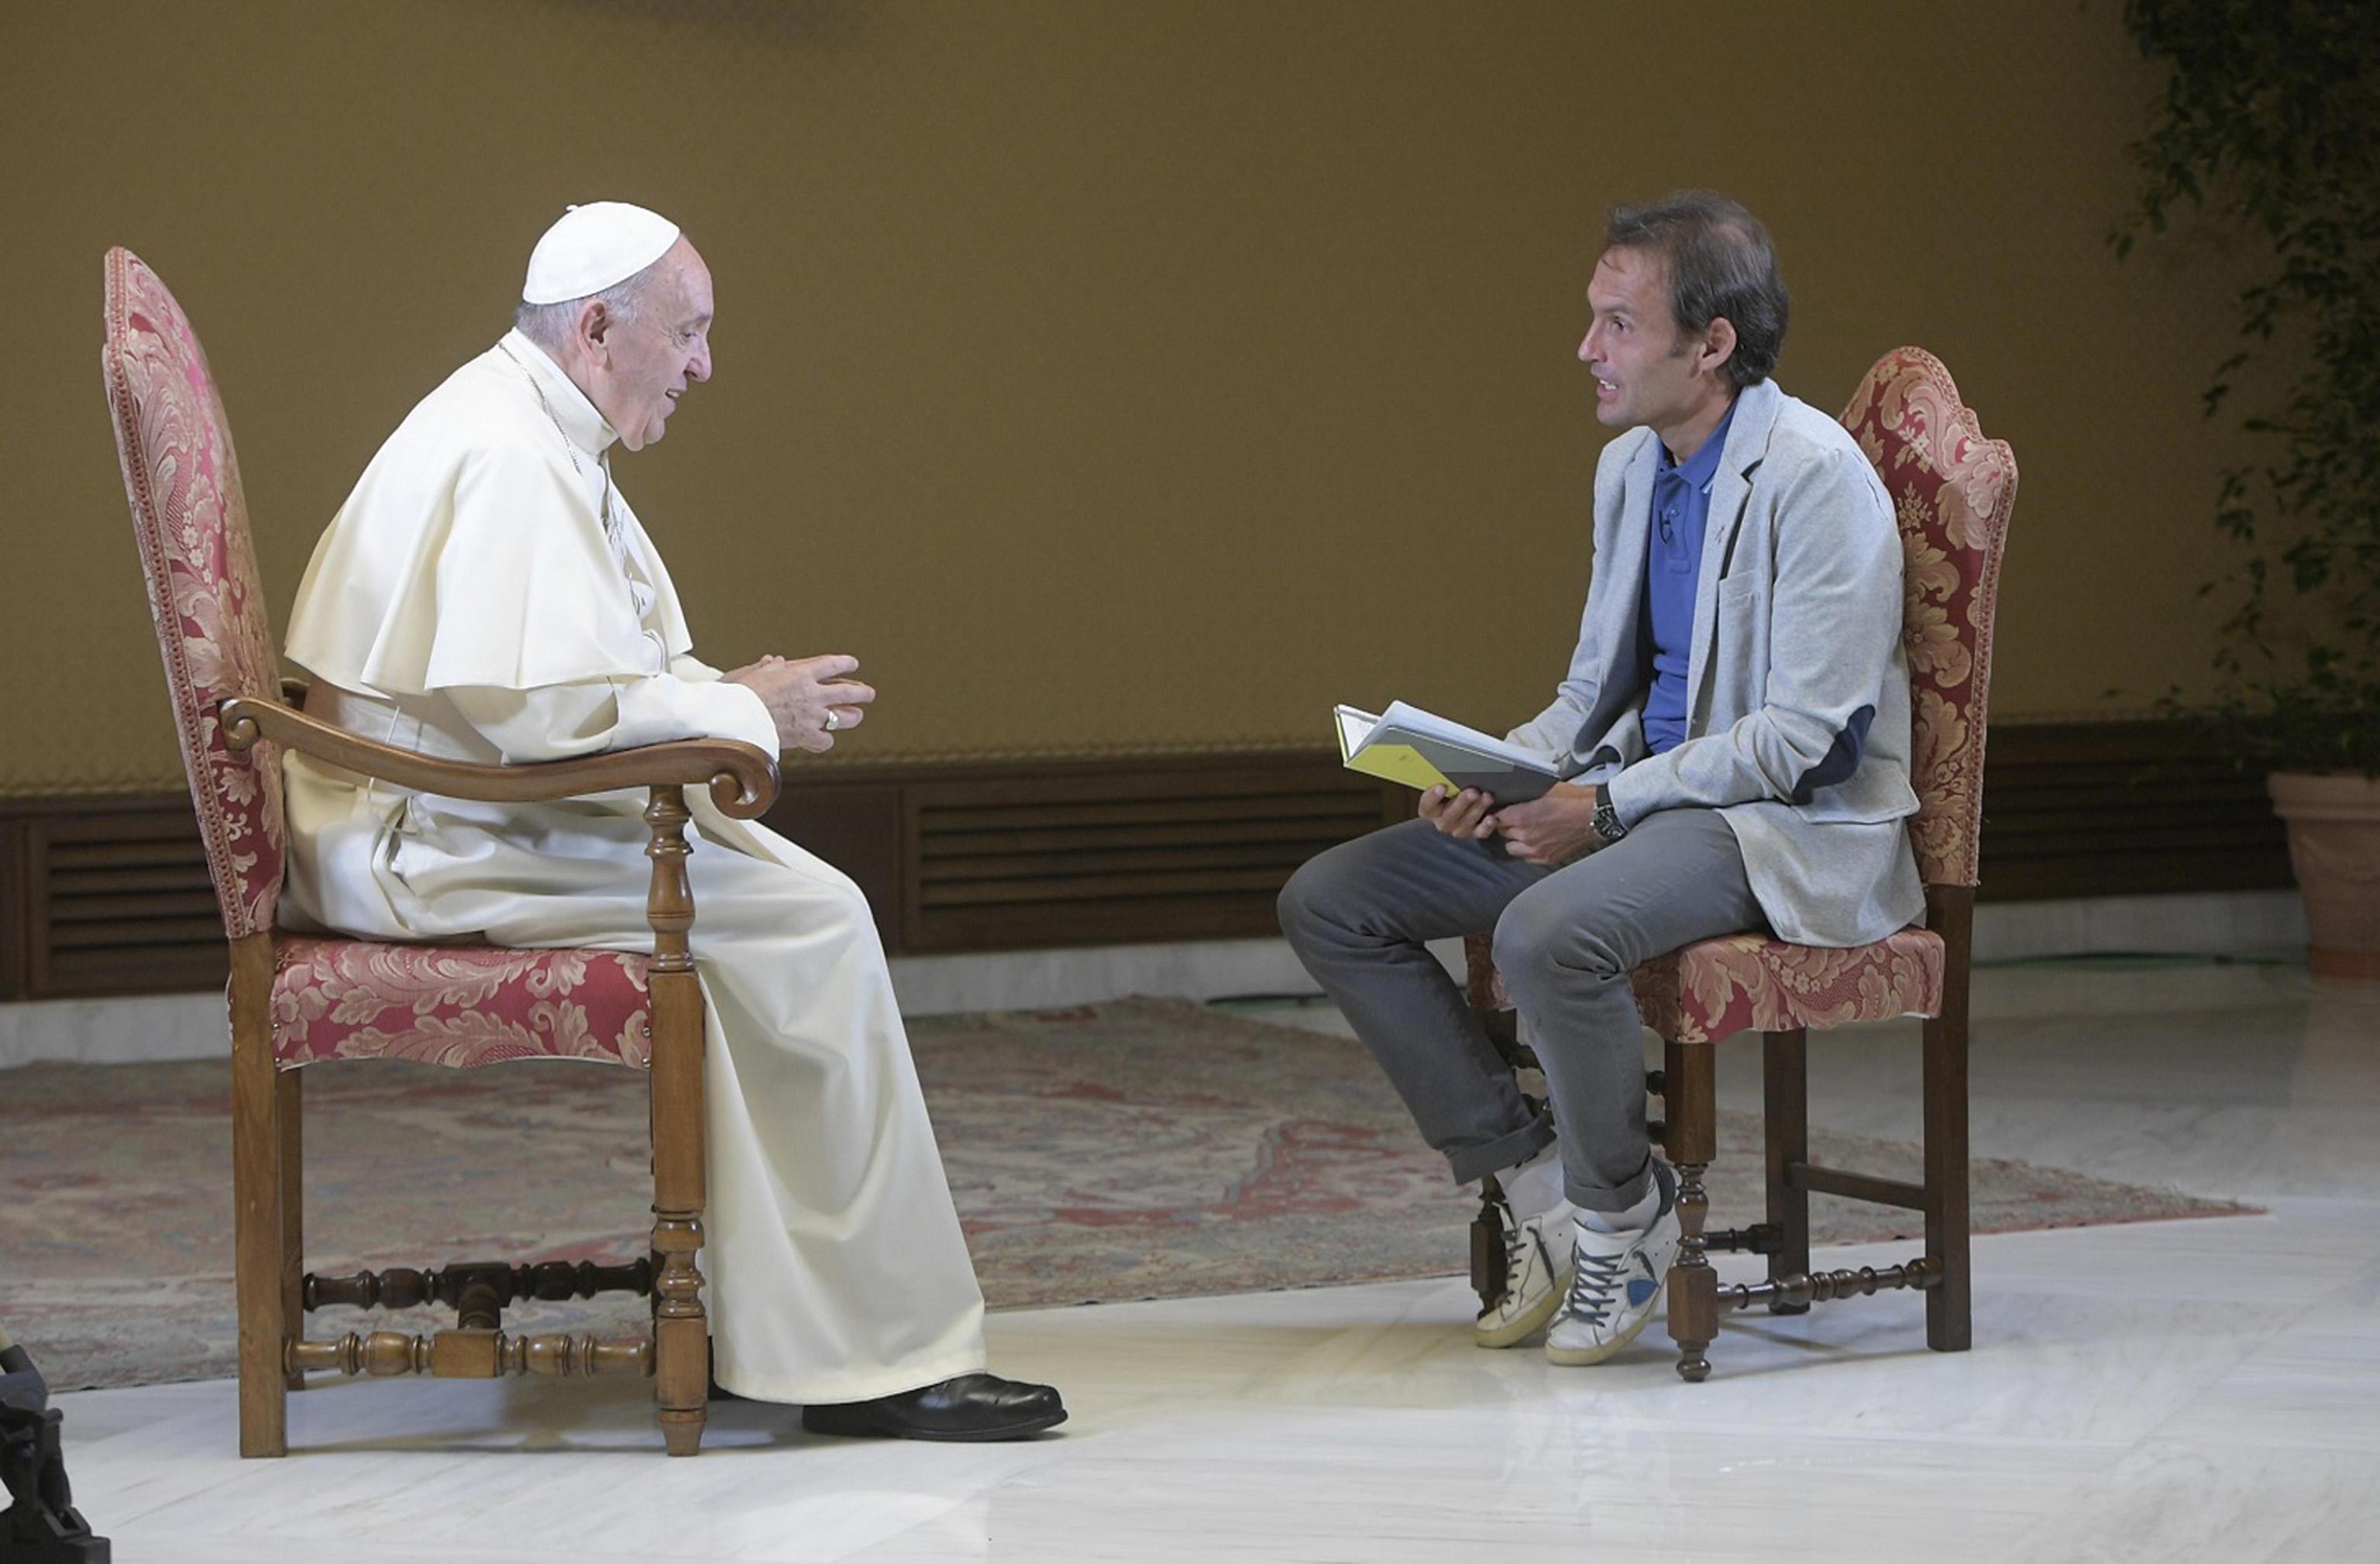 Papa Francesco corregge il Padre Nostro: è Satana, non Dio, a indurci in tentazione